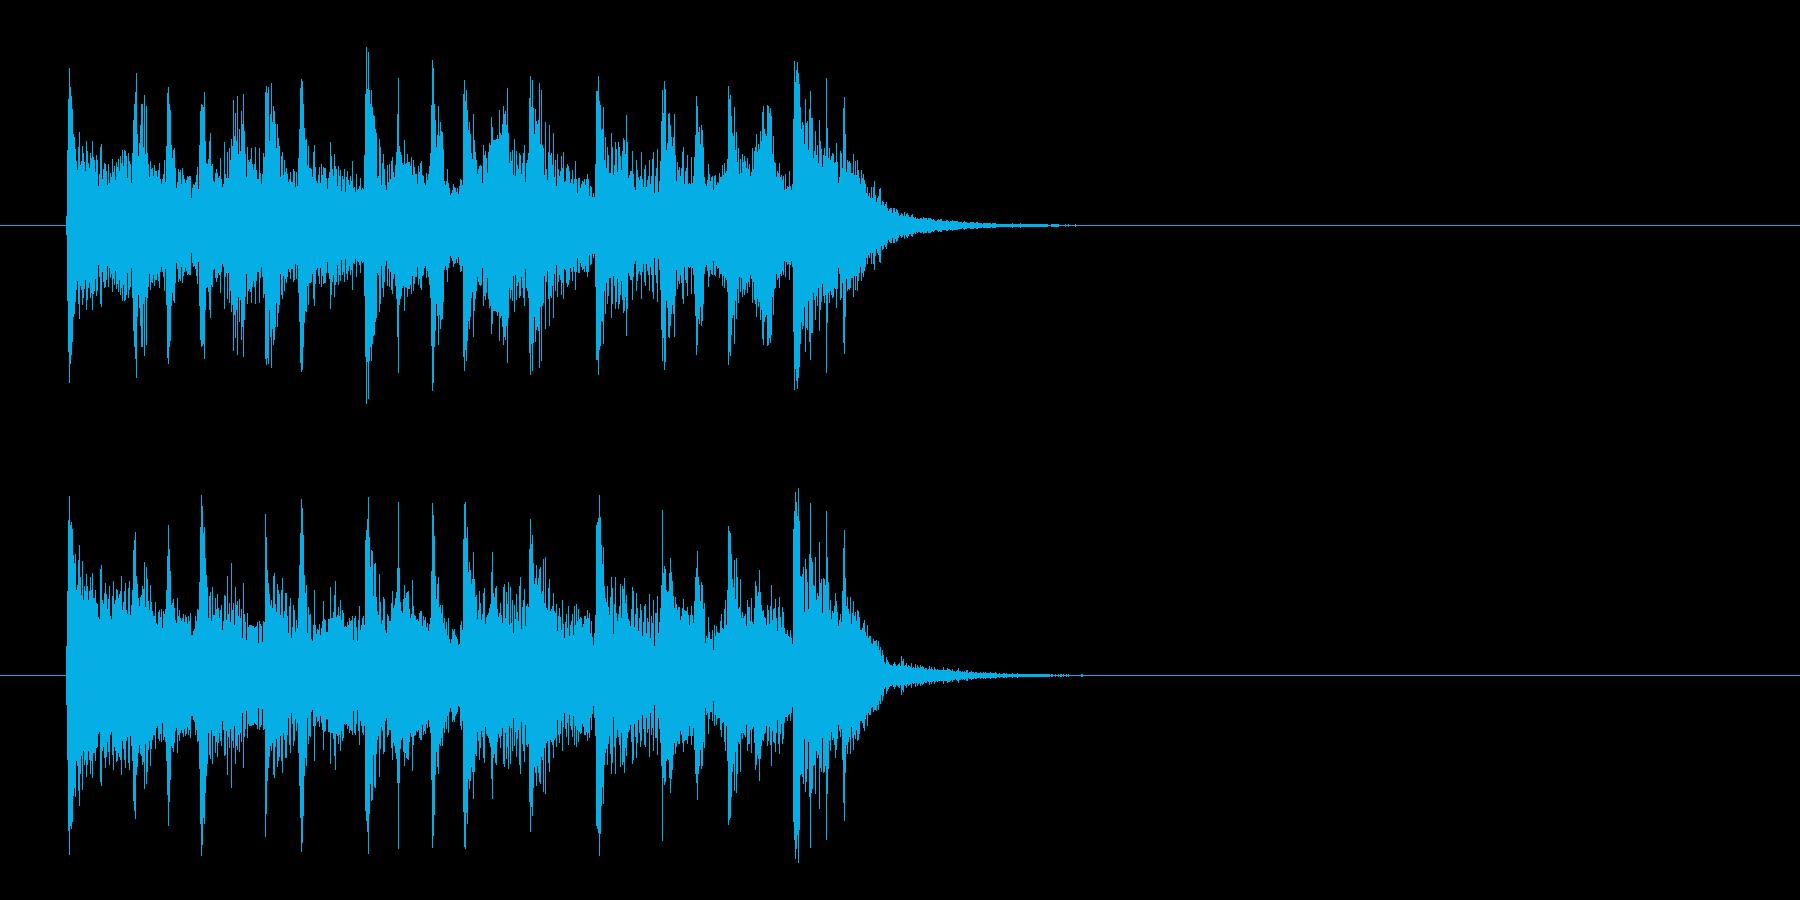 ジングル(深刻なドキュメント風)の再生済みの波形